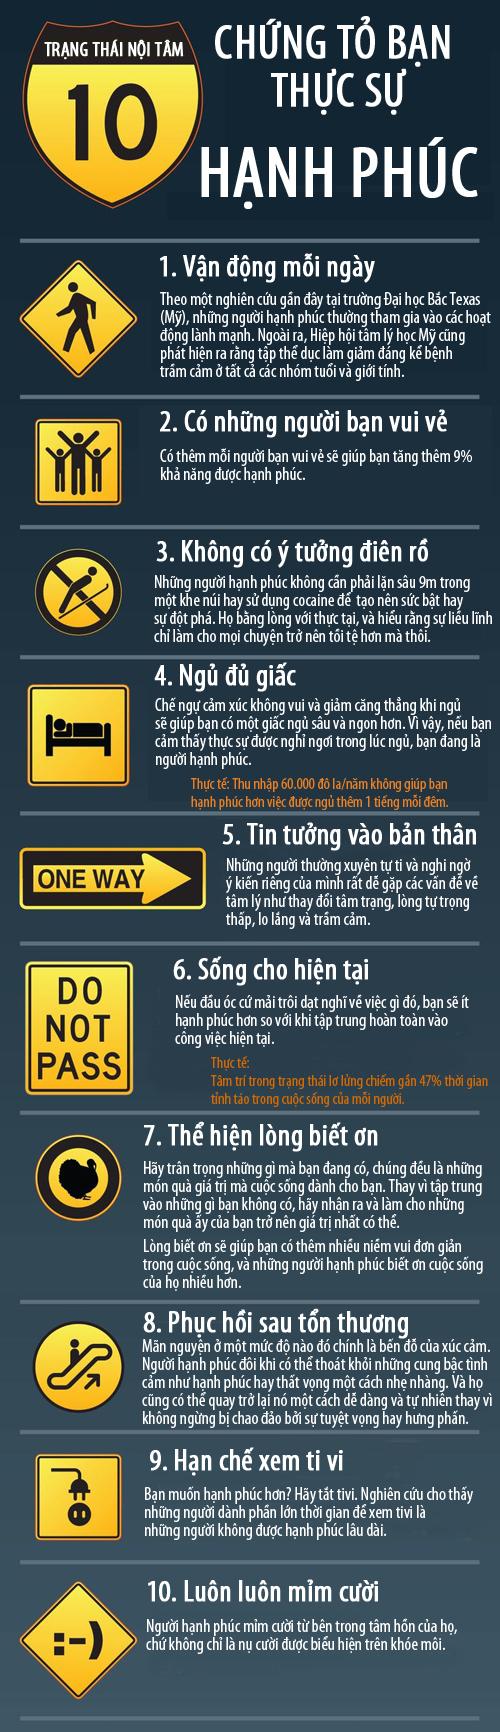 10 dấu hiệu chứng tỏ bạn hạnh phúc